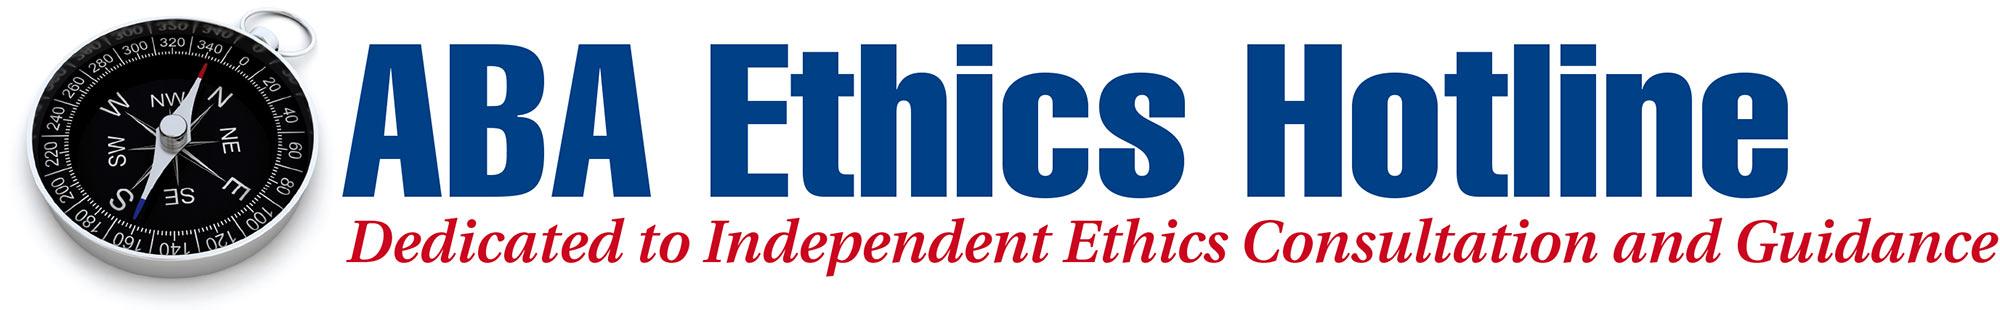 ABA Ethics Hotline